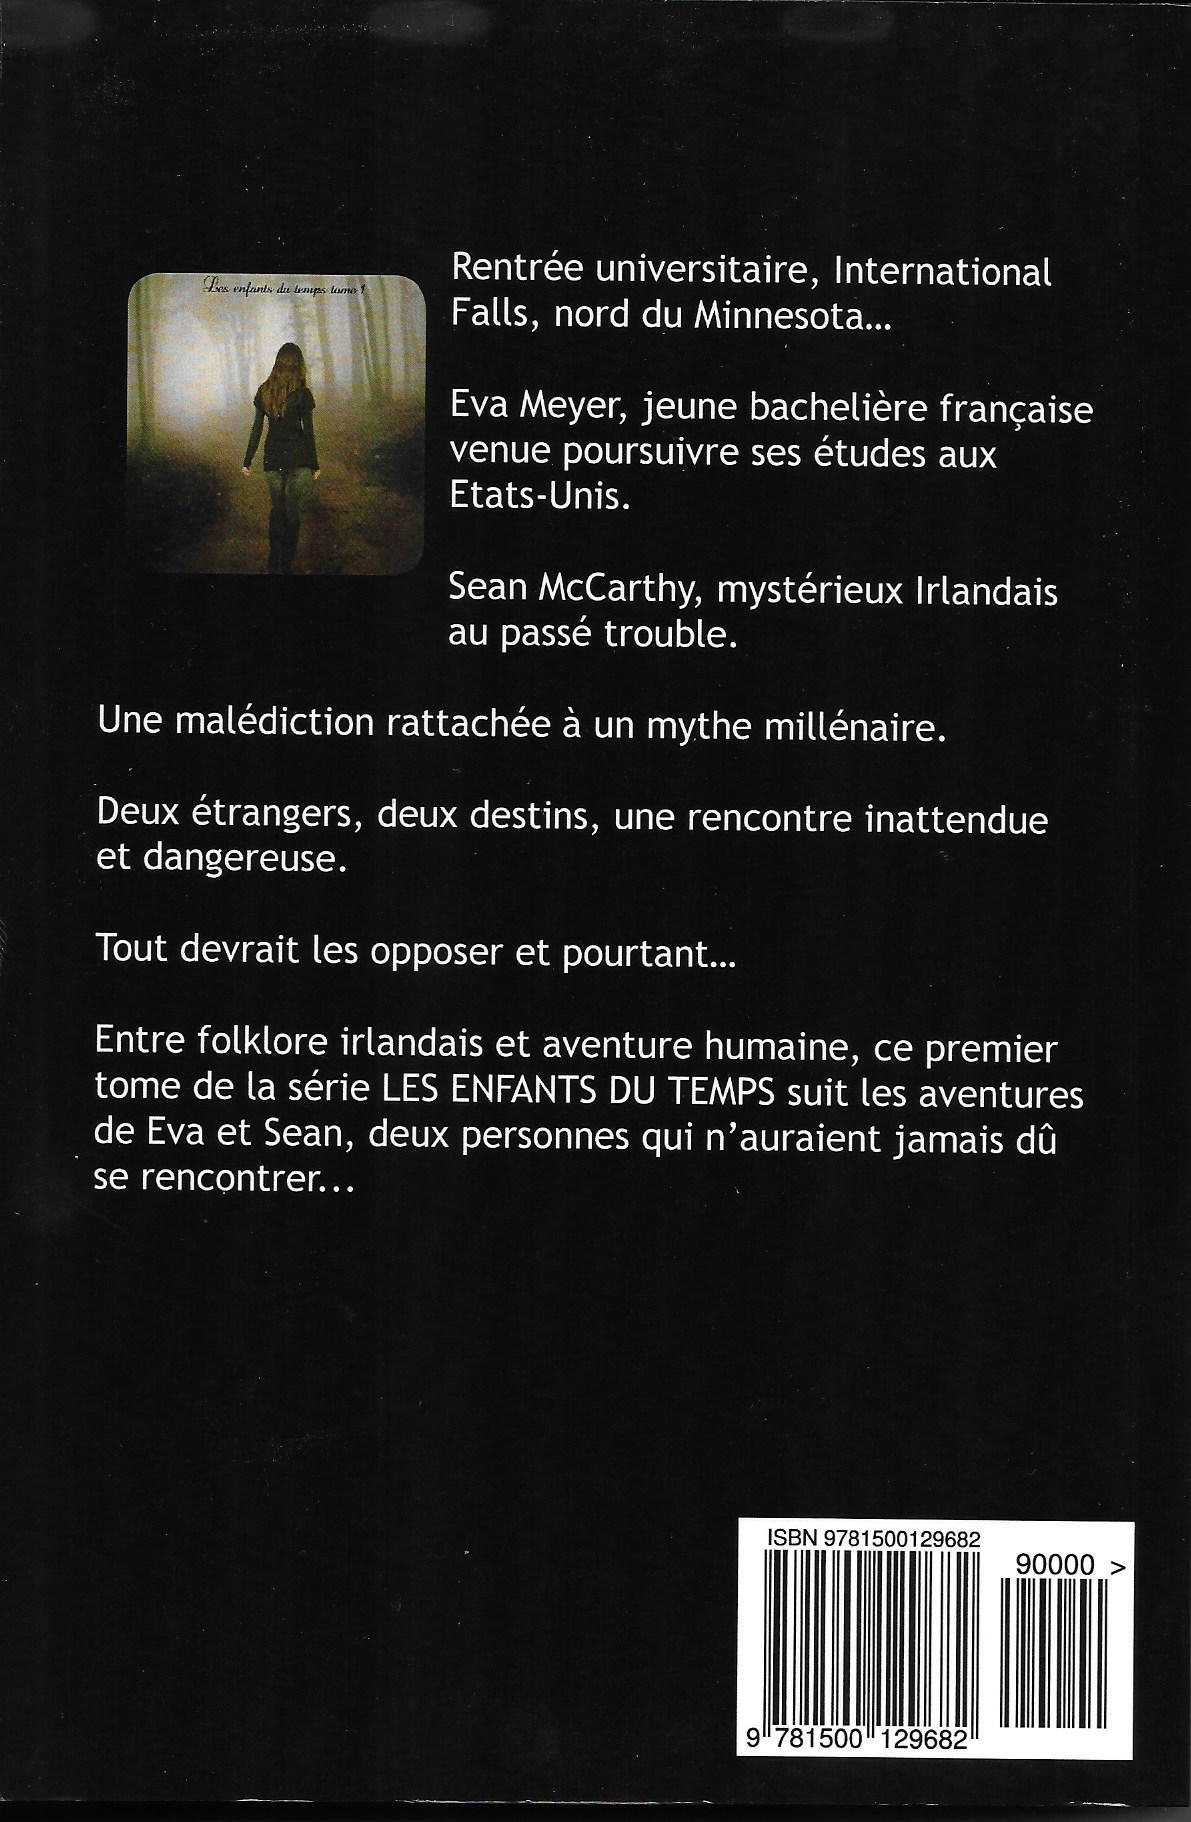 Les Enfants du Temps - Indécise (couverture verso)